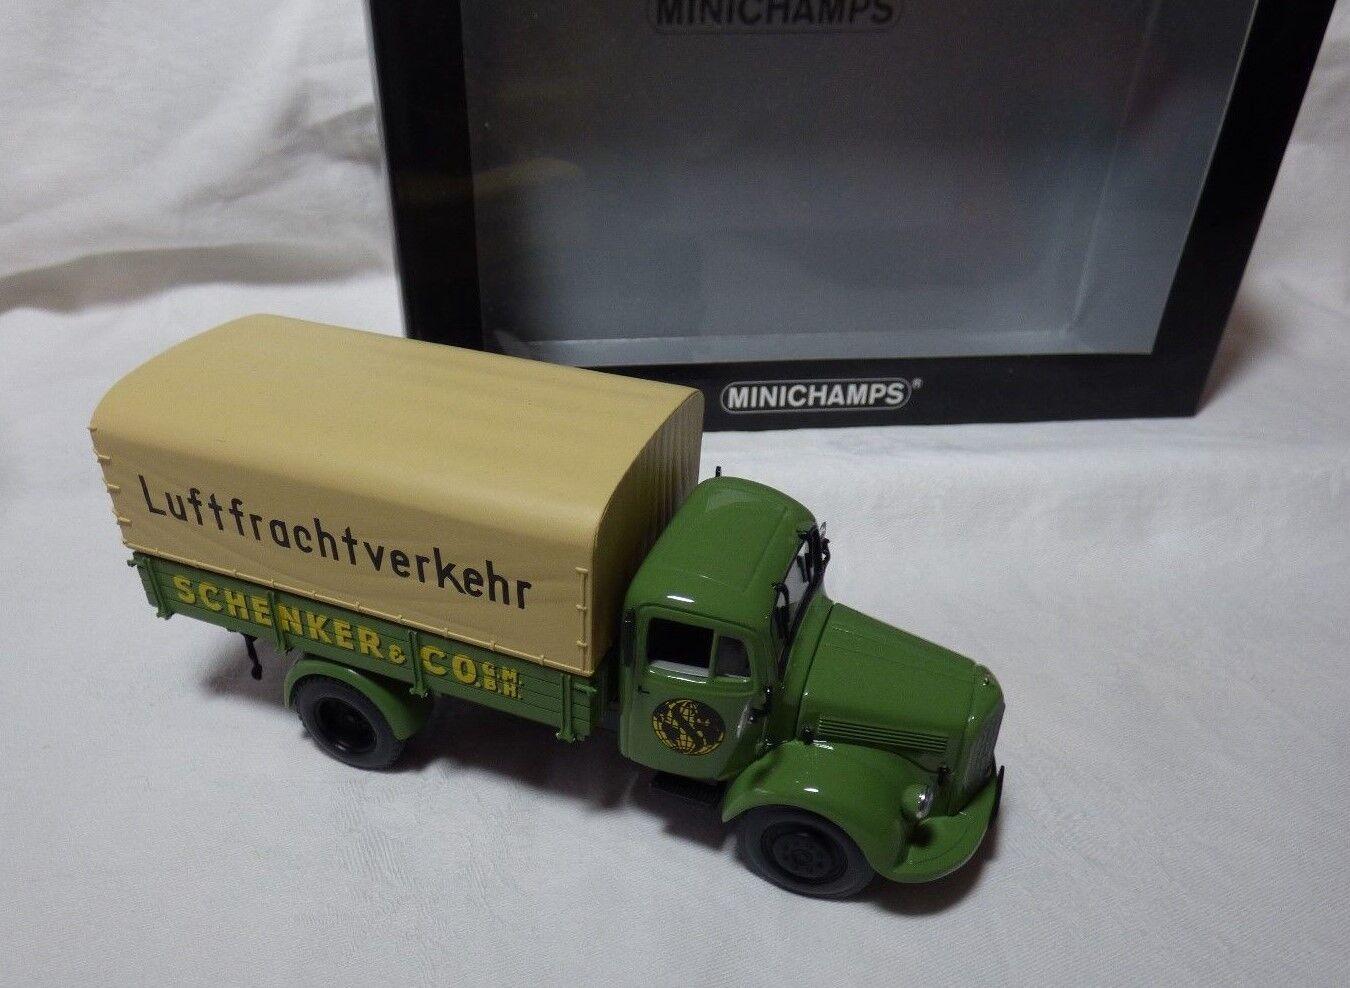 MINICHAMPS Pauls modèle type 439350028 Mo l3500 carrosserie Schenker neuf dans sa boîte